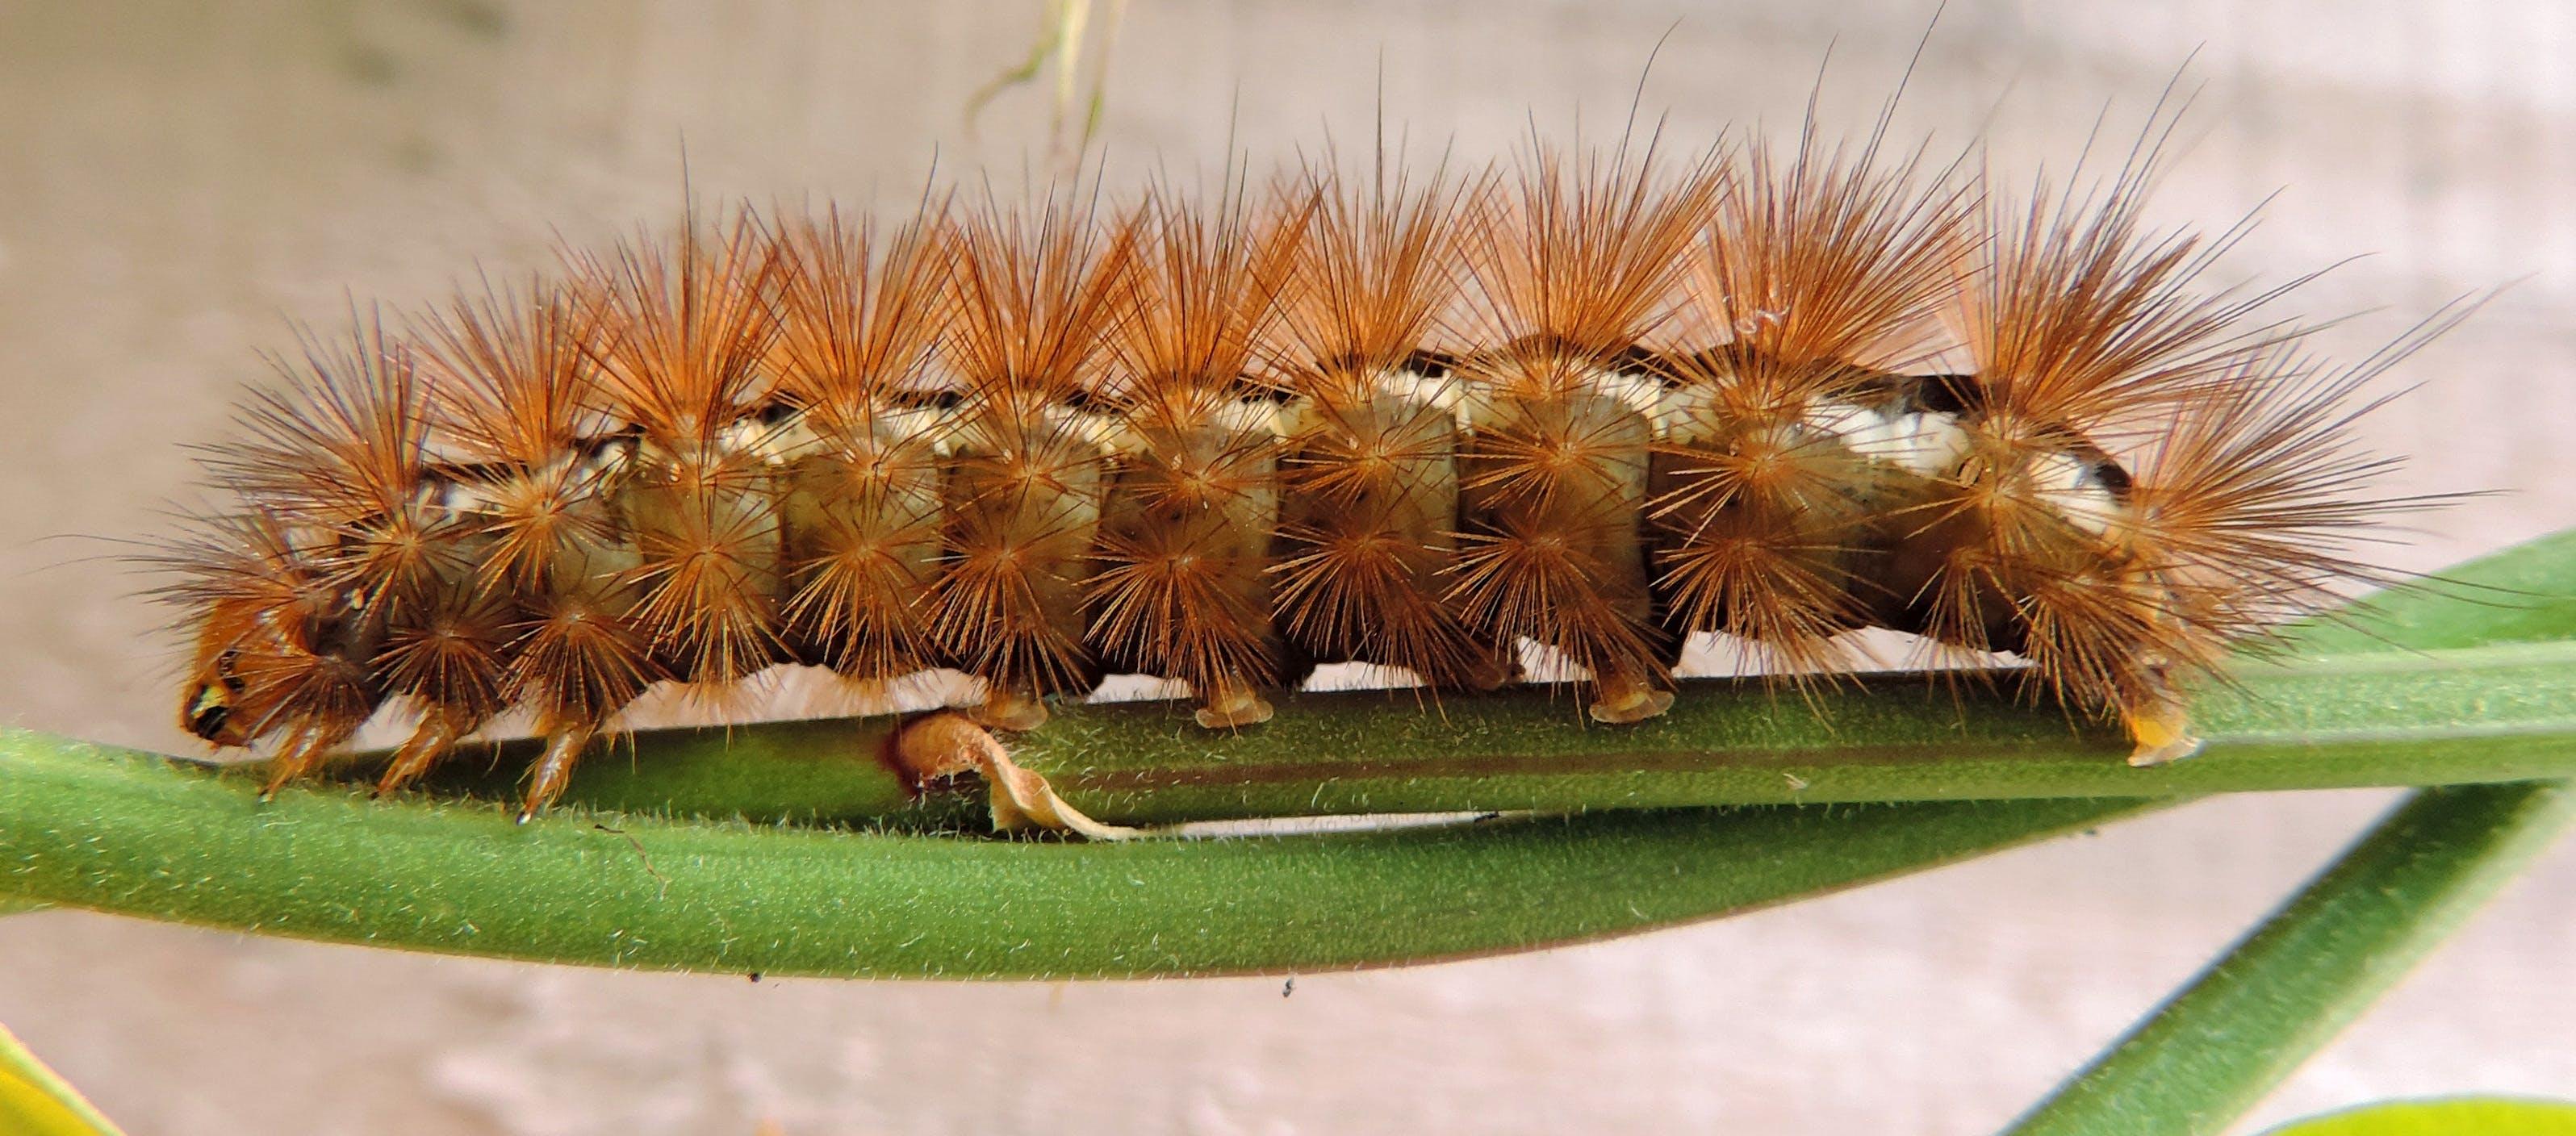 Close-up Photography of Brown Moth Caterpillar